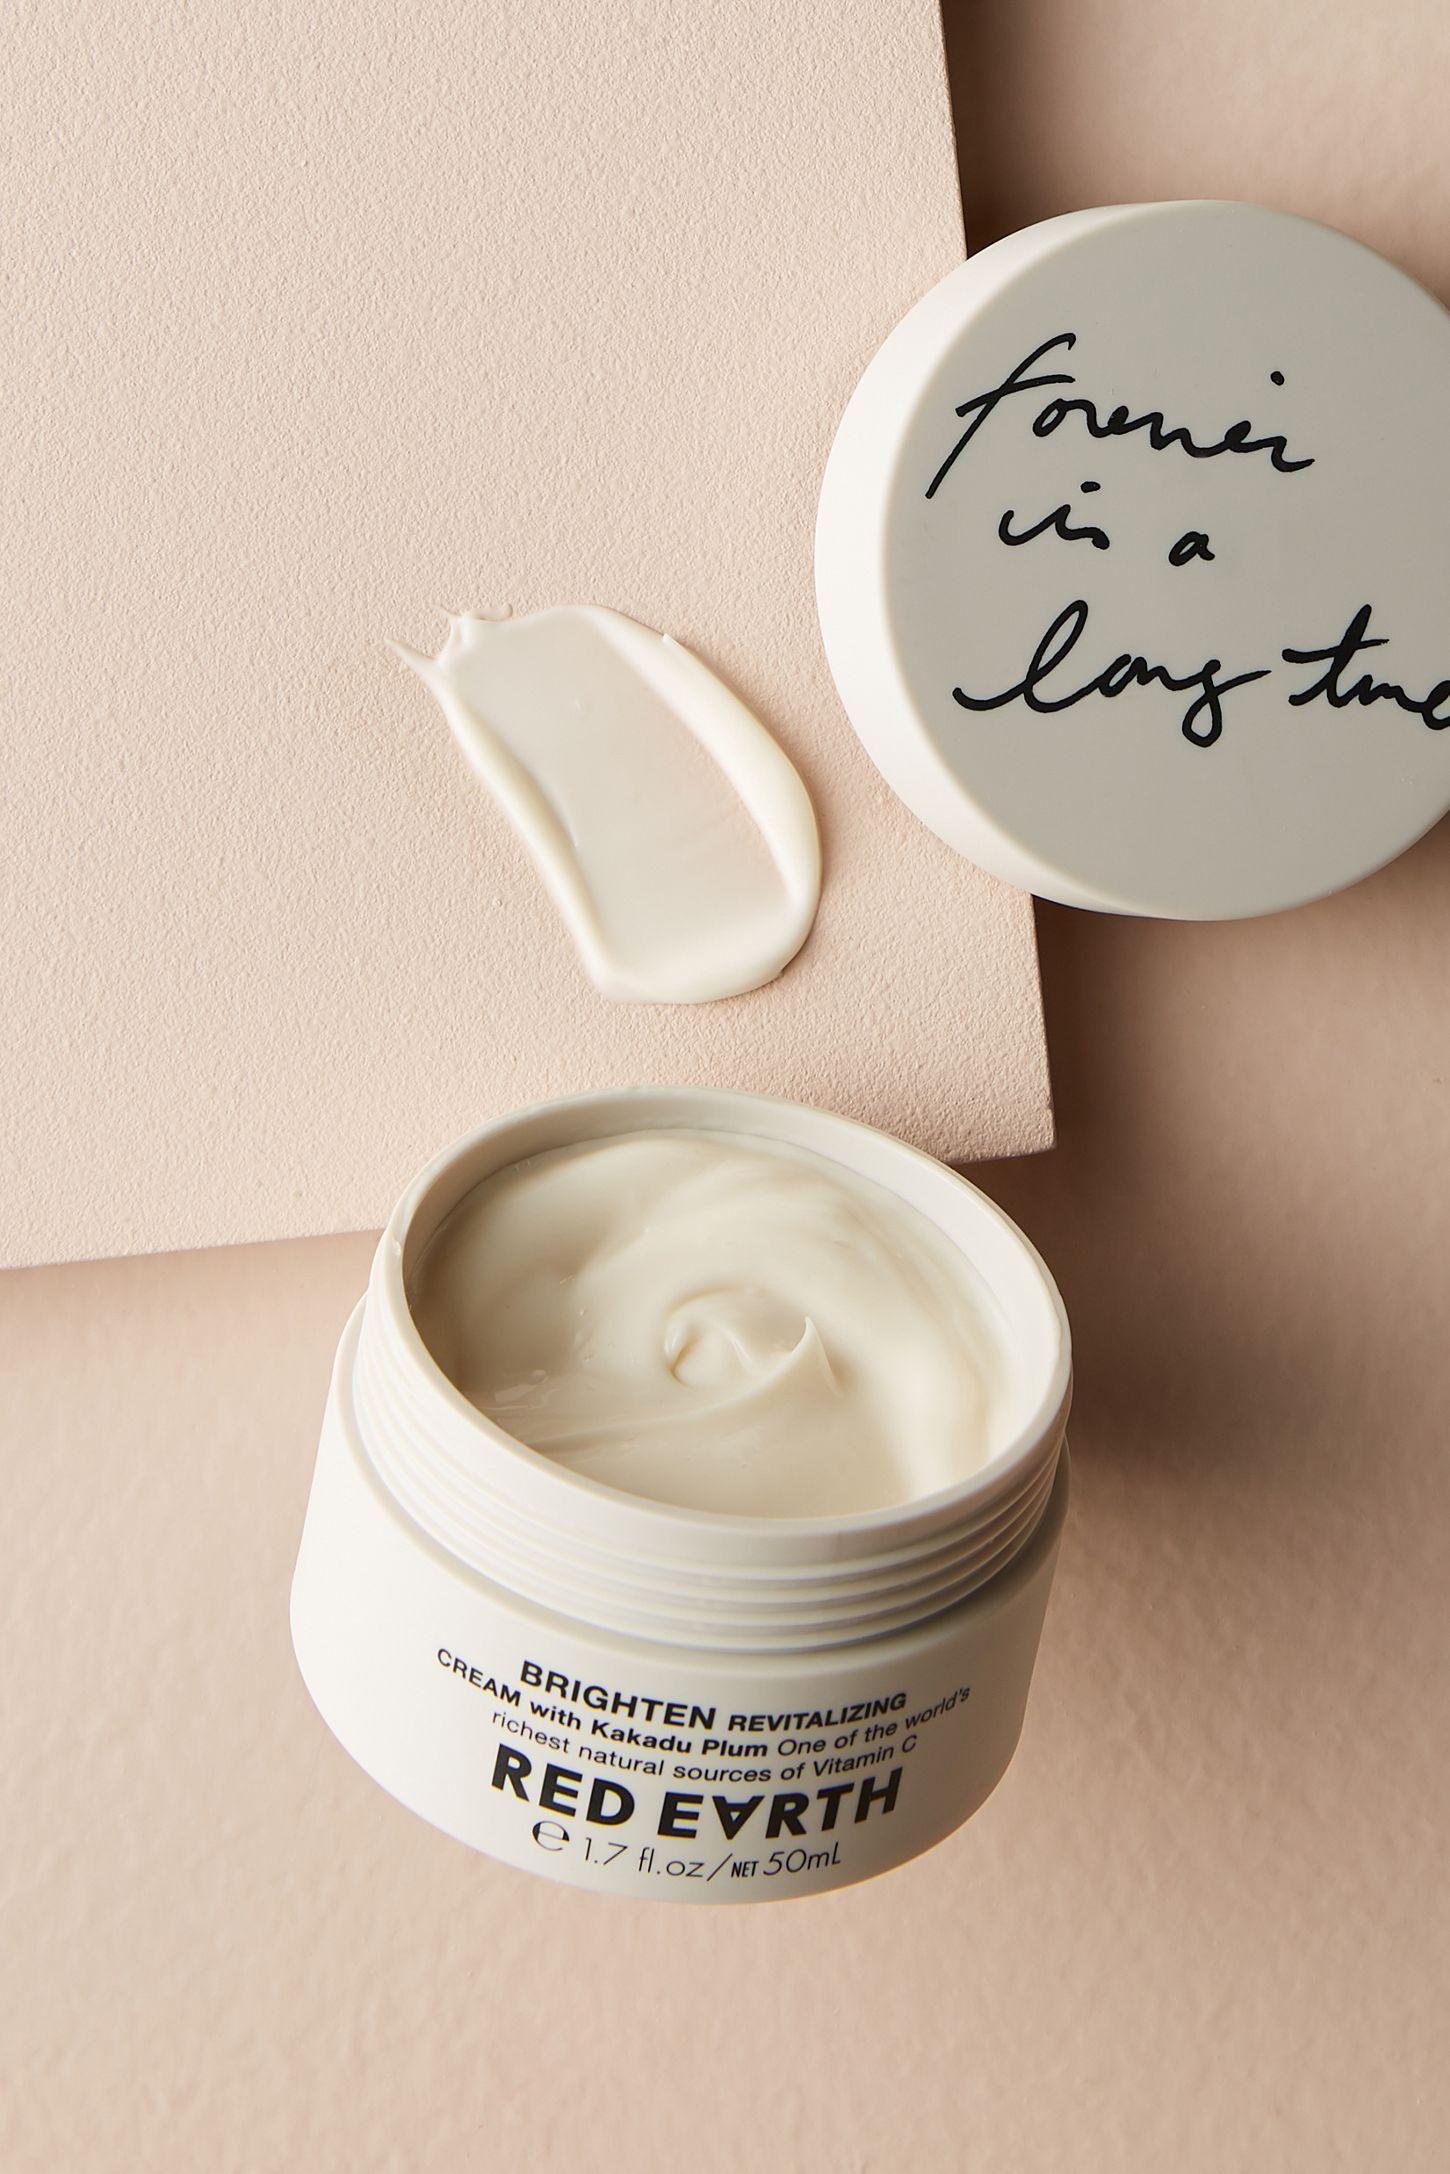 Red Earth Brighten Revitalizing Cream Beauty cream